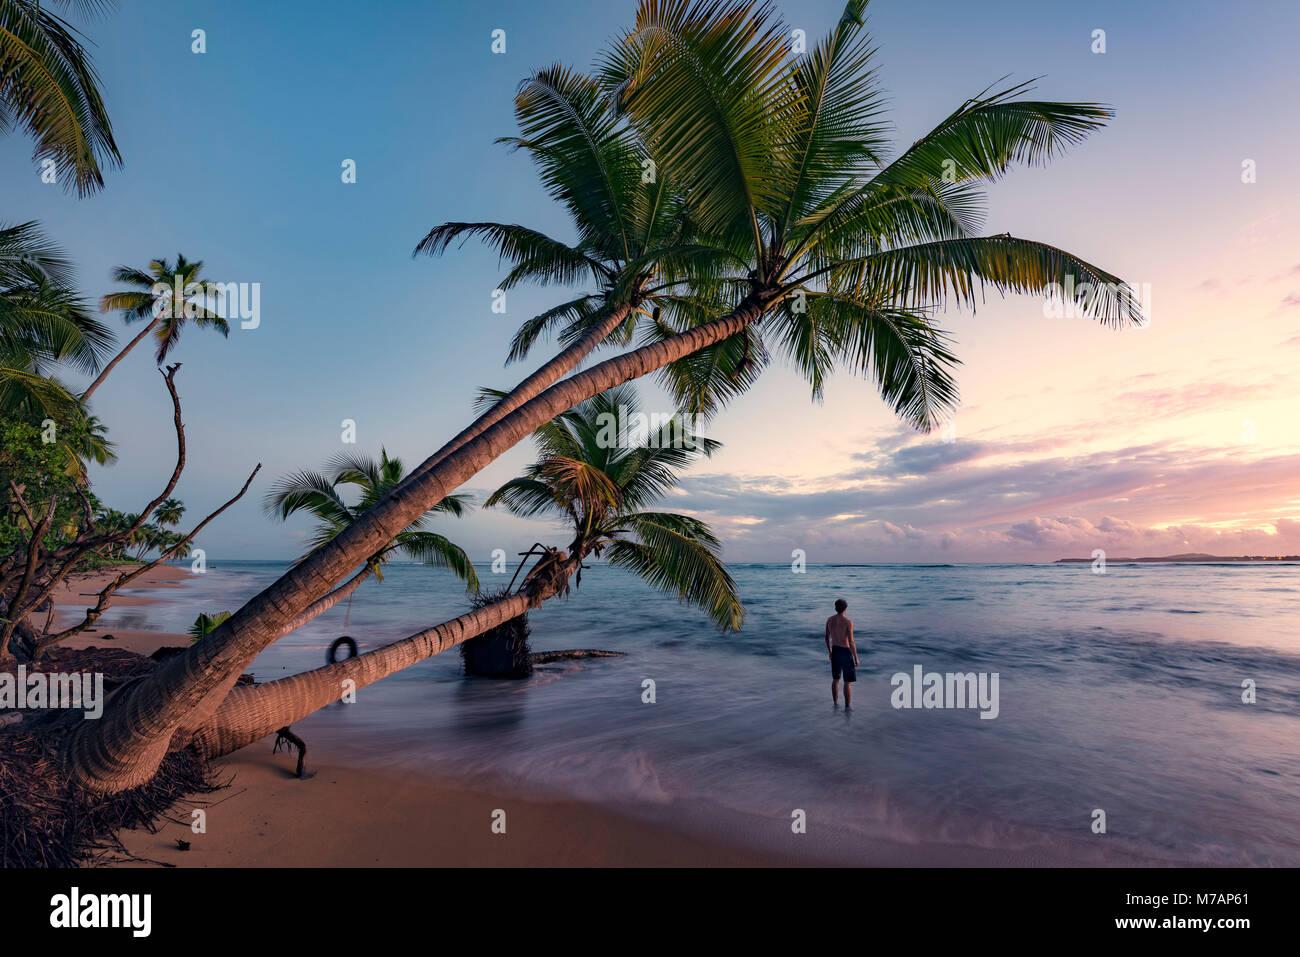 L'homme sur une plage sauvage au lever du soleil sur l'île des Caraïbes Puerto Rico Photo Stock